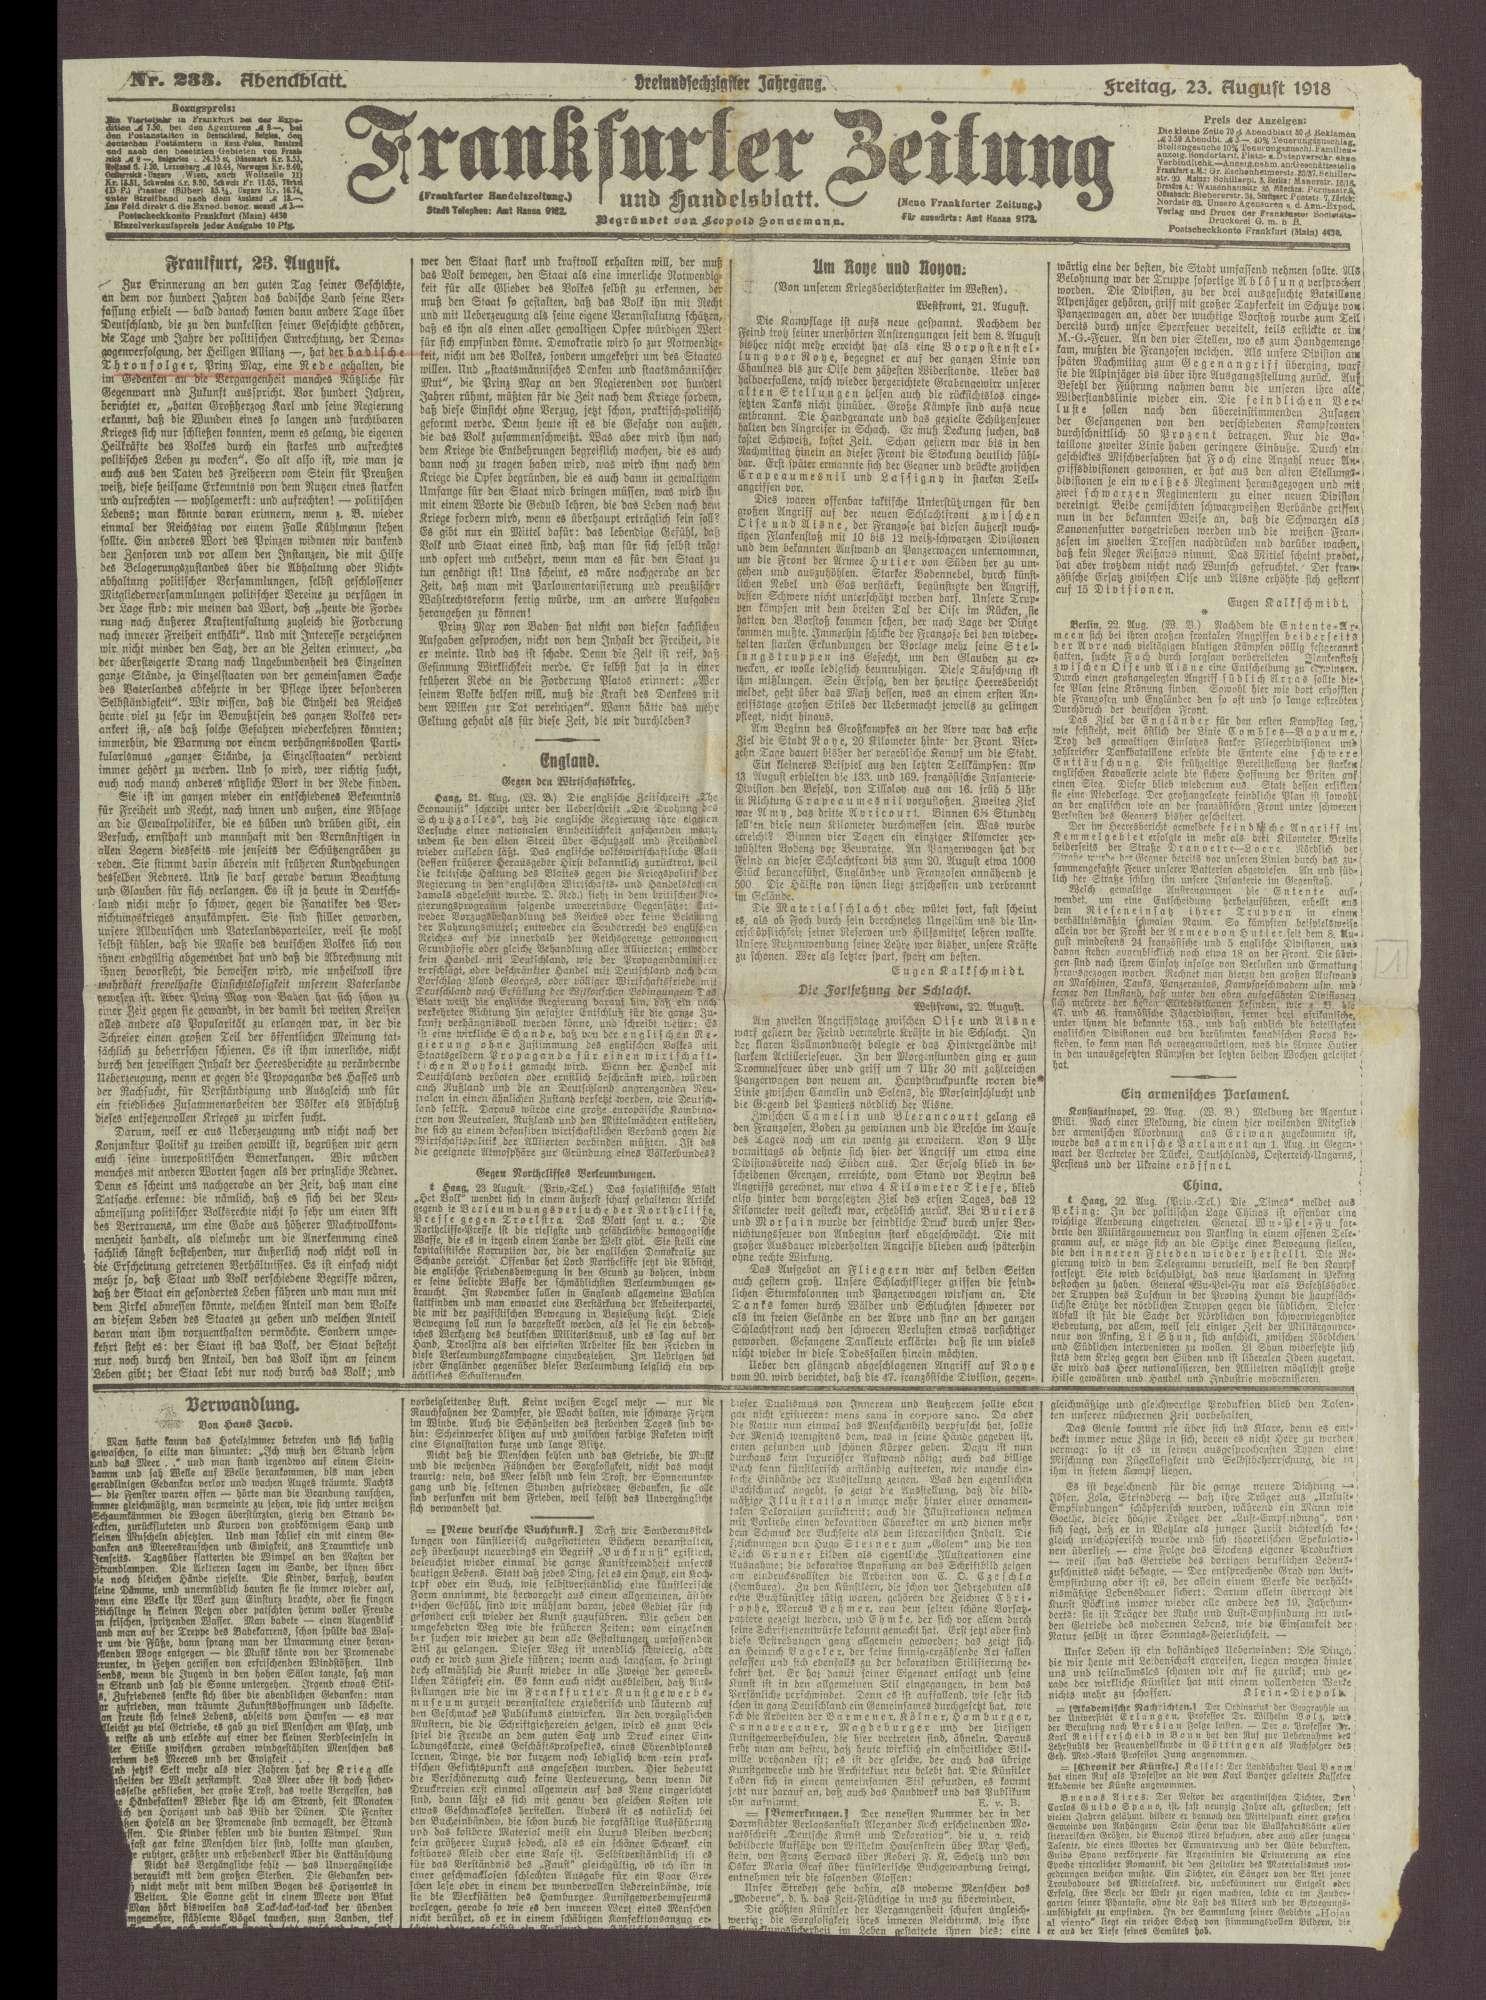 """Artikel in der Frankfurter Zeitung: """"Freitag, 23. August"""", Bild 2"""